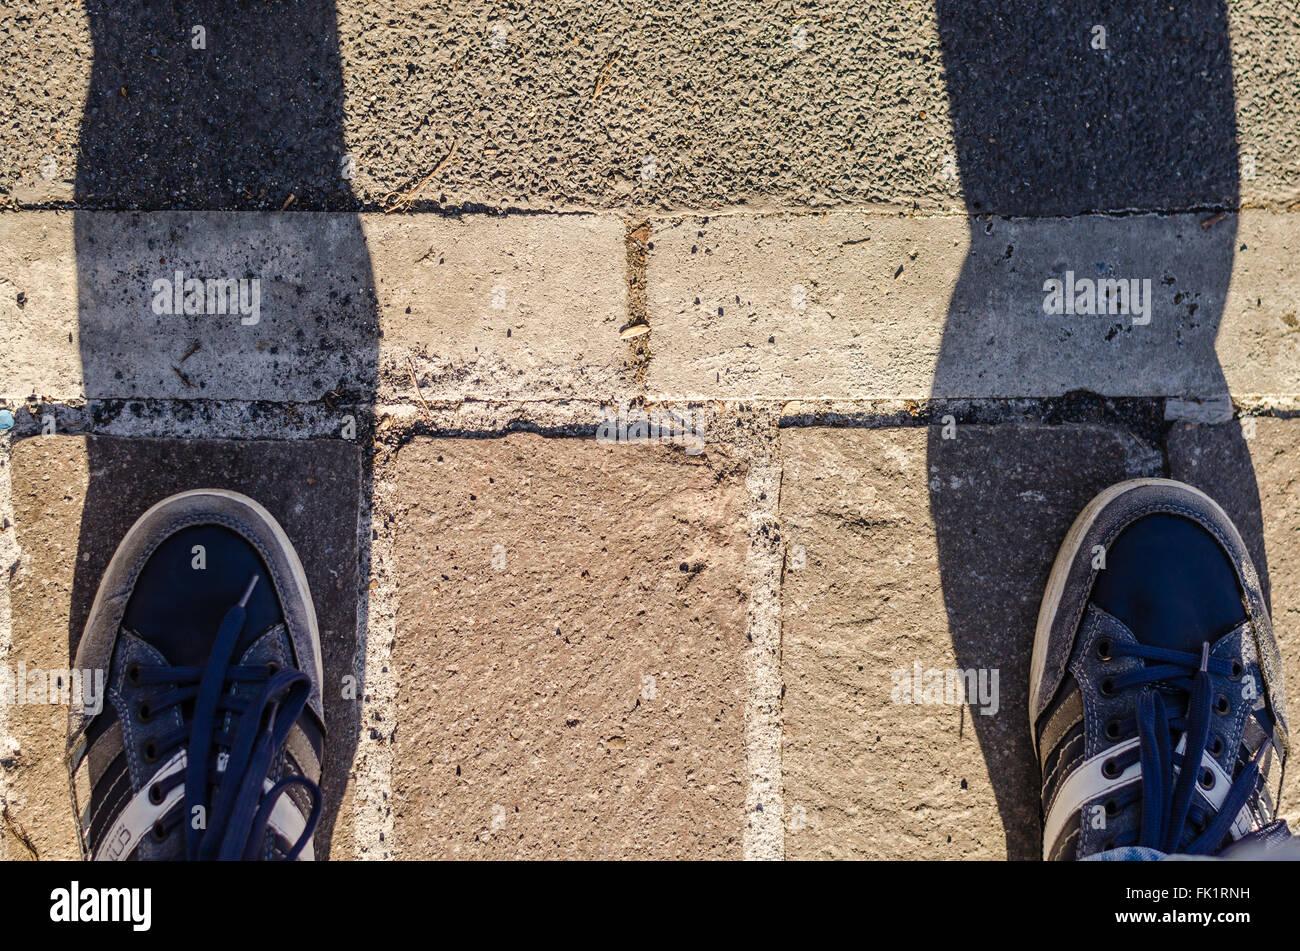 Je suis bloqué, deux pieds bloqués avant de franchir la ligne. symbole de la peur du changement et de Photo Stock